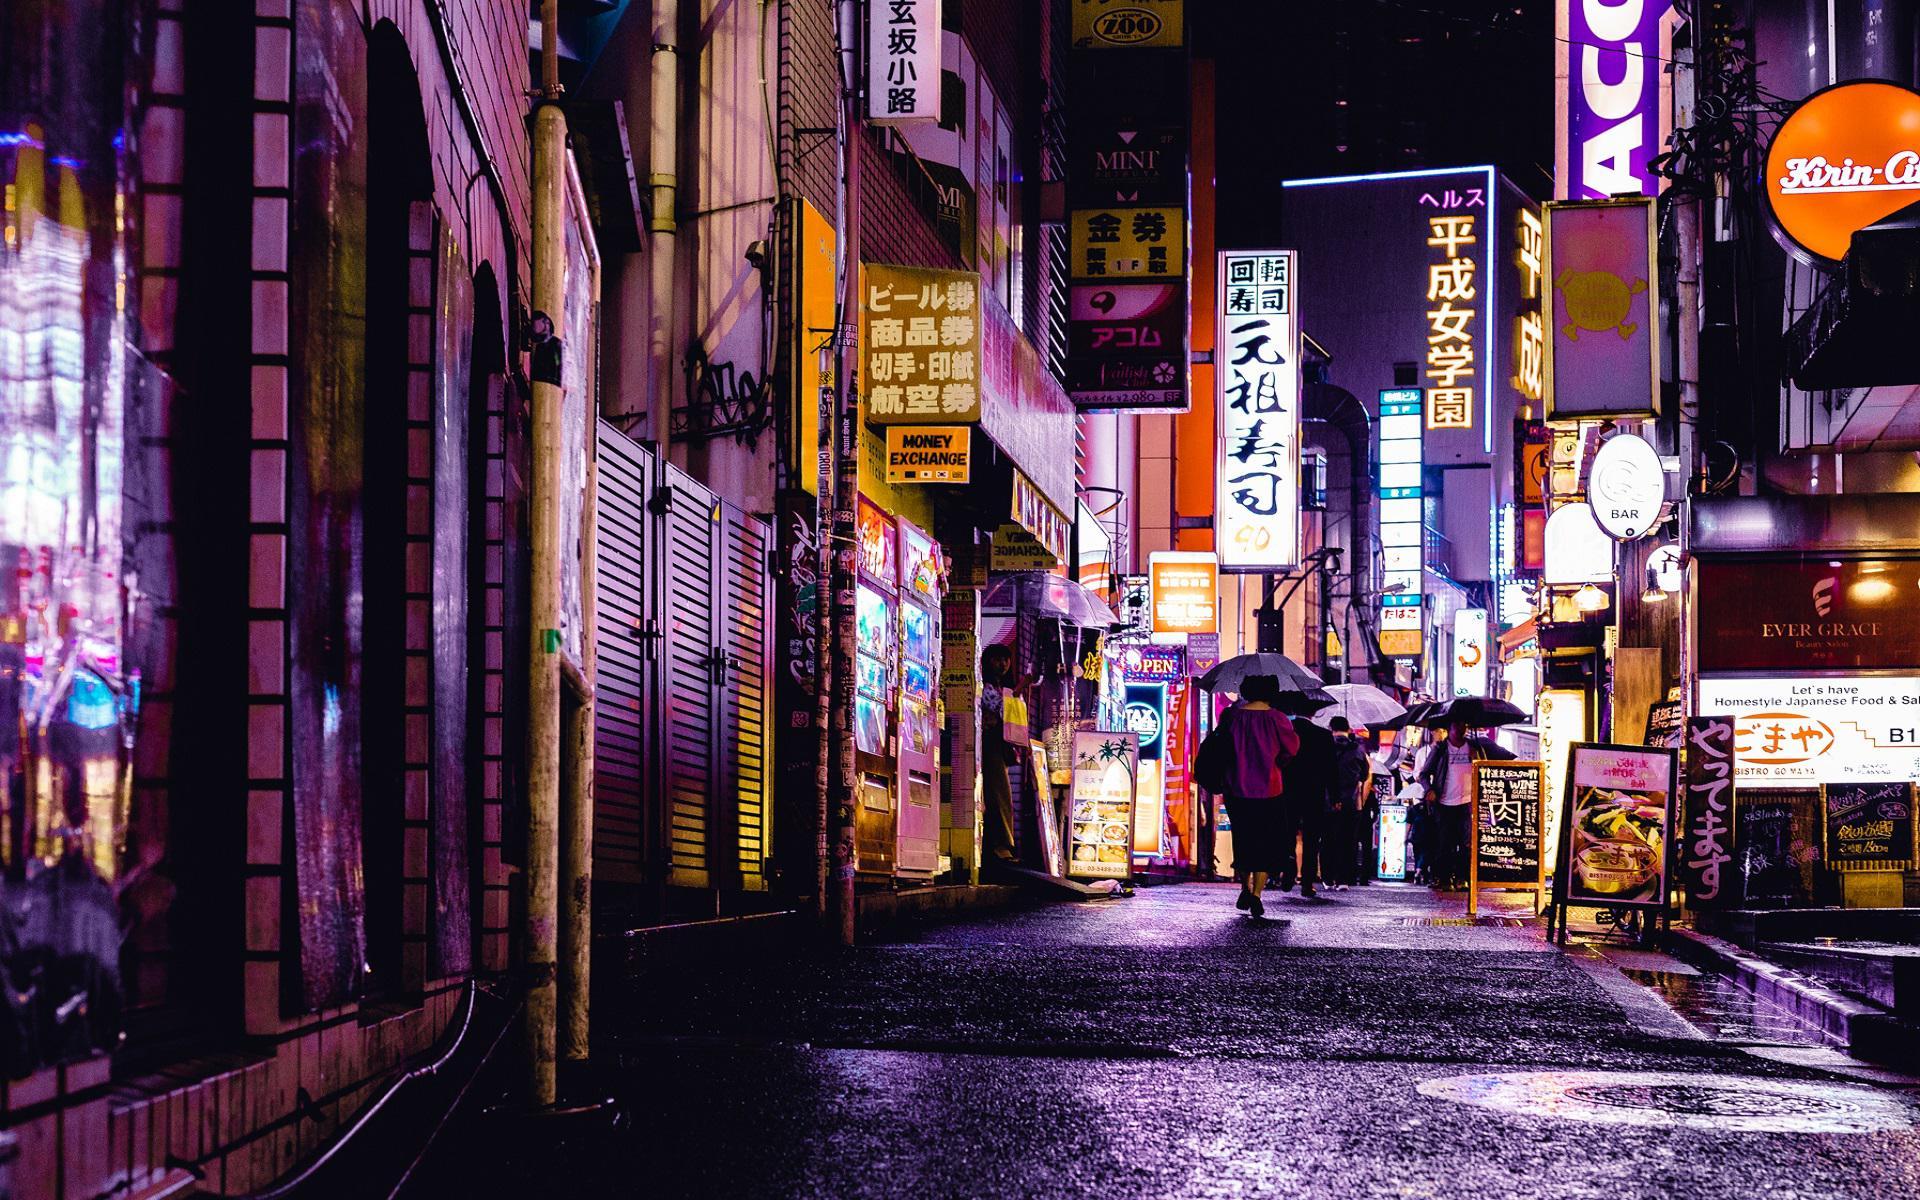 Lofi Japan Wallpapers Wallpaper Cave